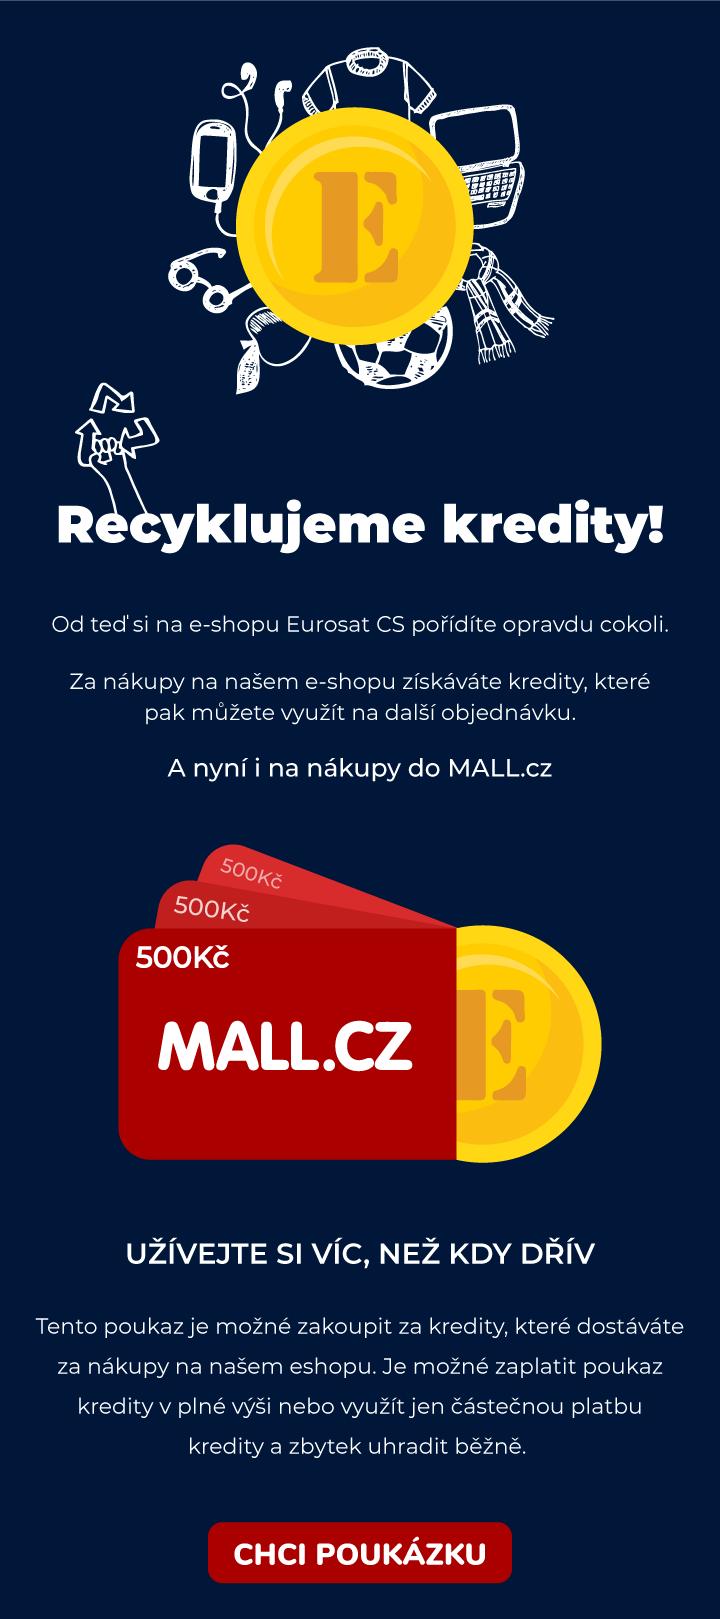 poukaz do internetového obchodu MALL.cz za kredity na e-shopu Eurosat CS zabezpečovací technologie kamery hlídání objektů bezpečnost do firmy, detektory, elektronika, GPS jednotky, docházkový systém, on-line kniha jízd